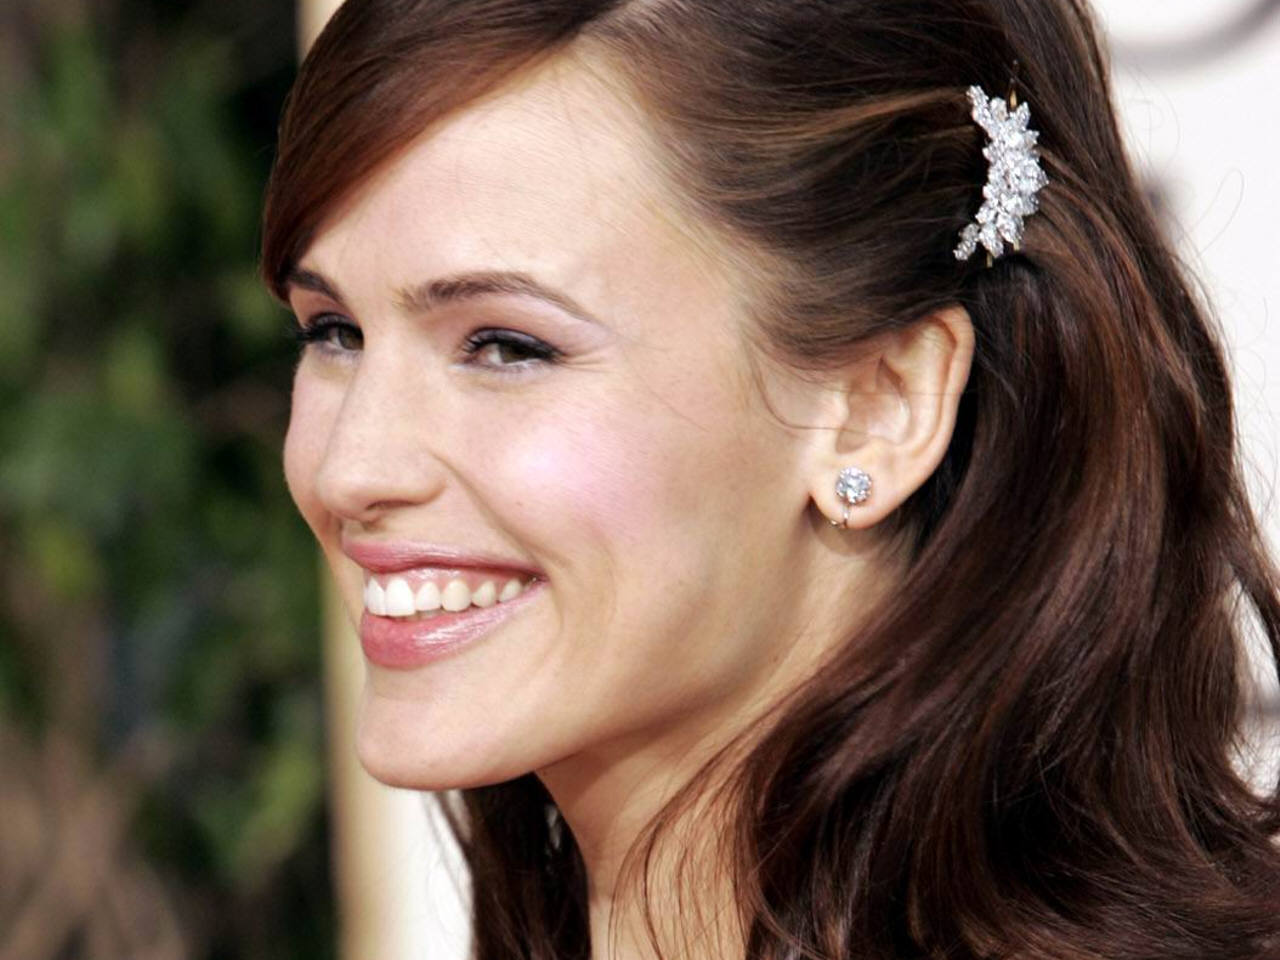 http://4.bp.blogspot.com/-cXLS4jK7pYc/TyulKomhUAI/AAAAAAAABh4/aYiFT0Qgb4g/s1600/Jennifer-Garner-27.jpg